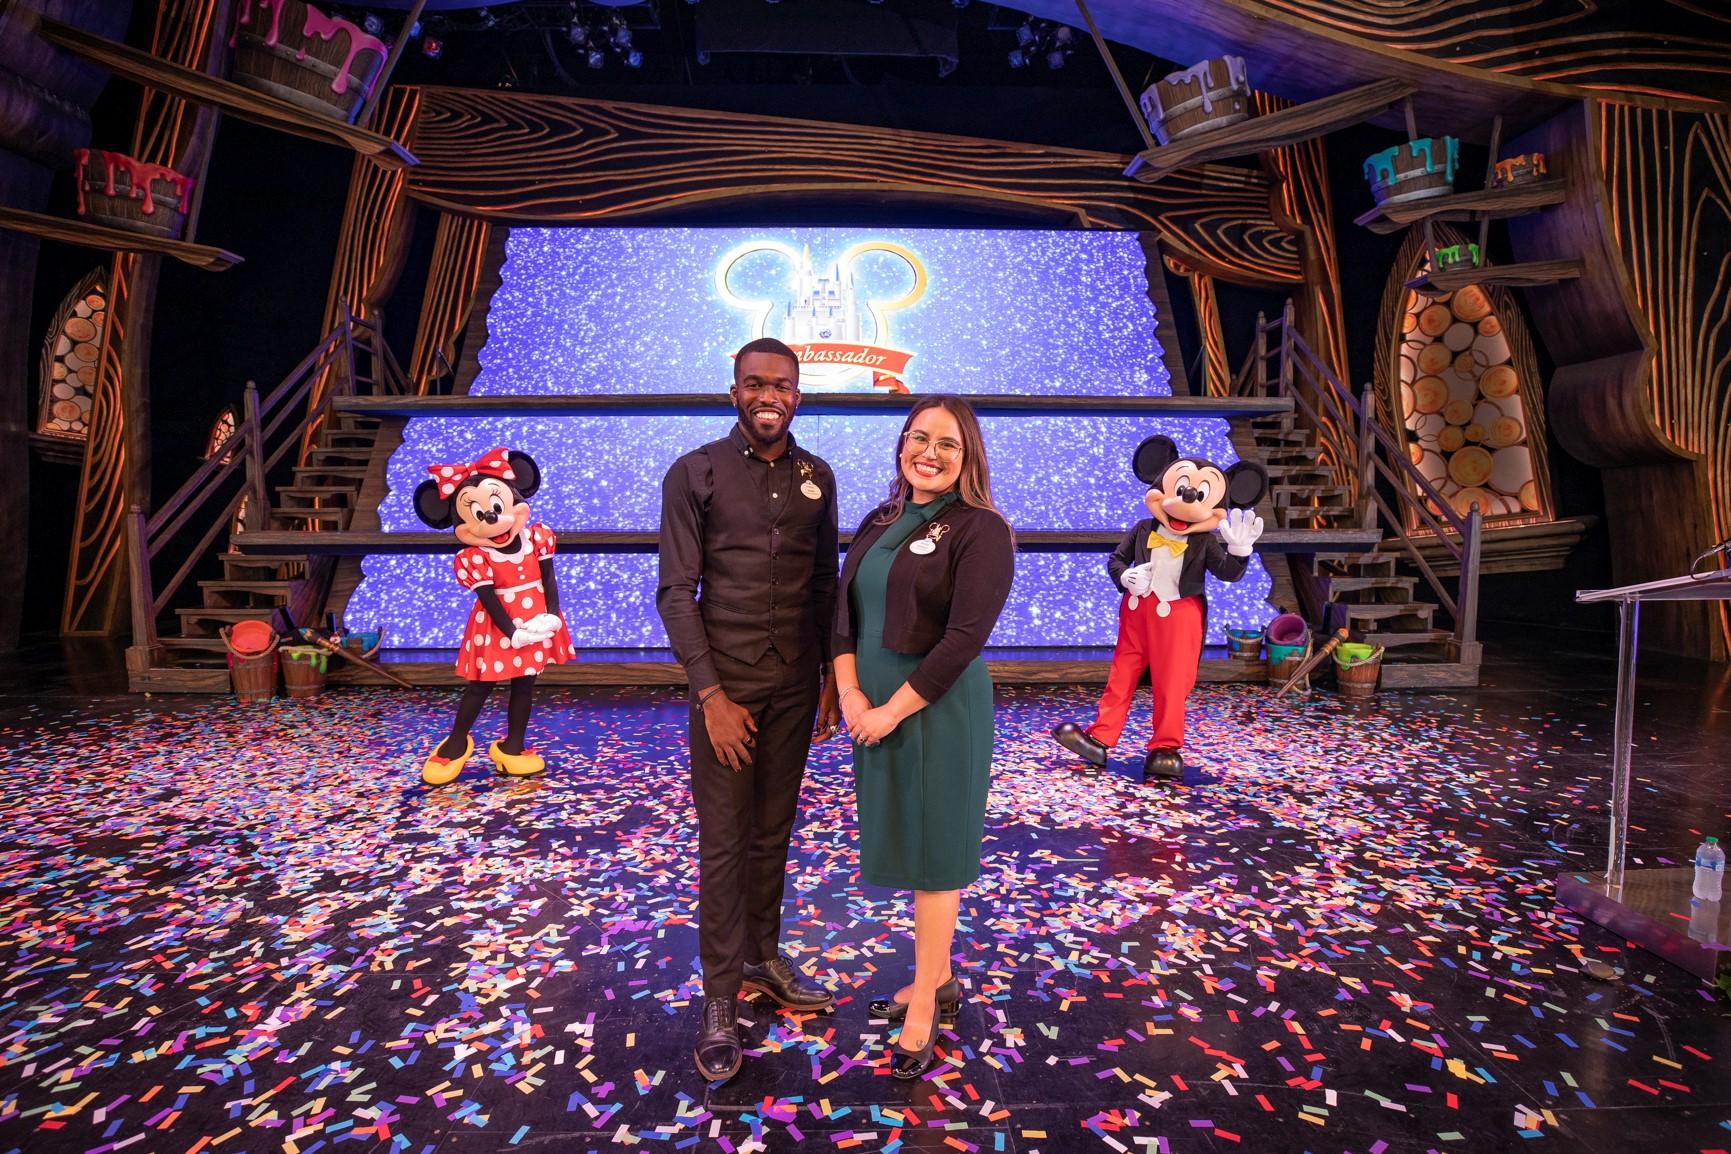 全新迪士尼樂園度假區大使團隊亮相